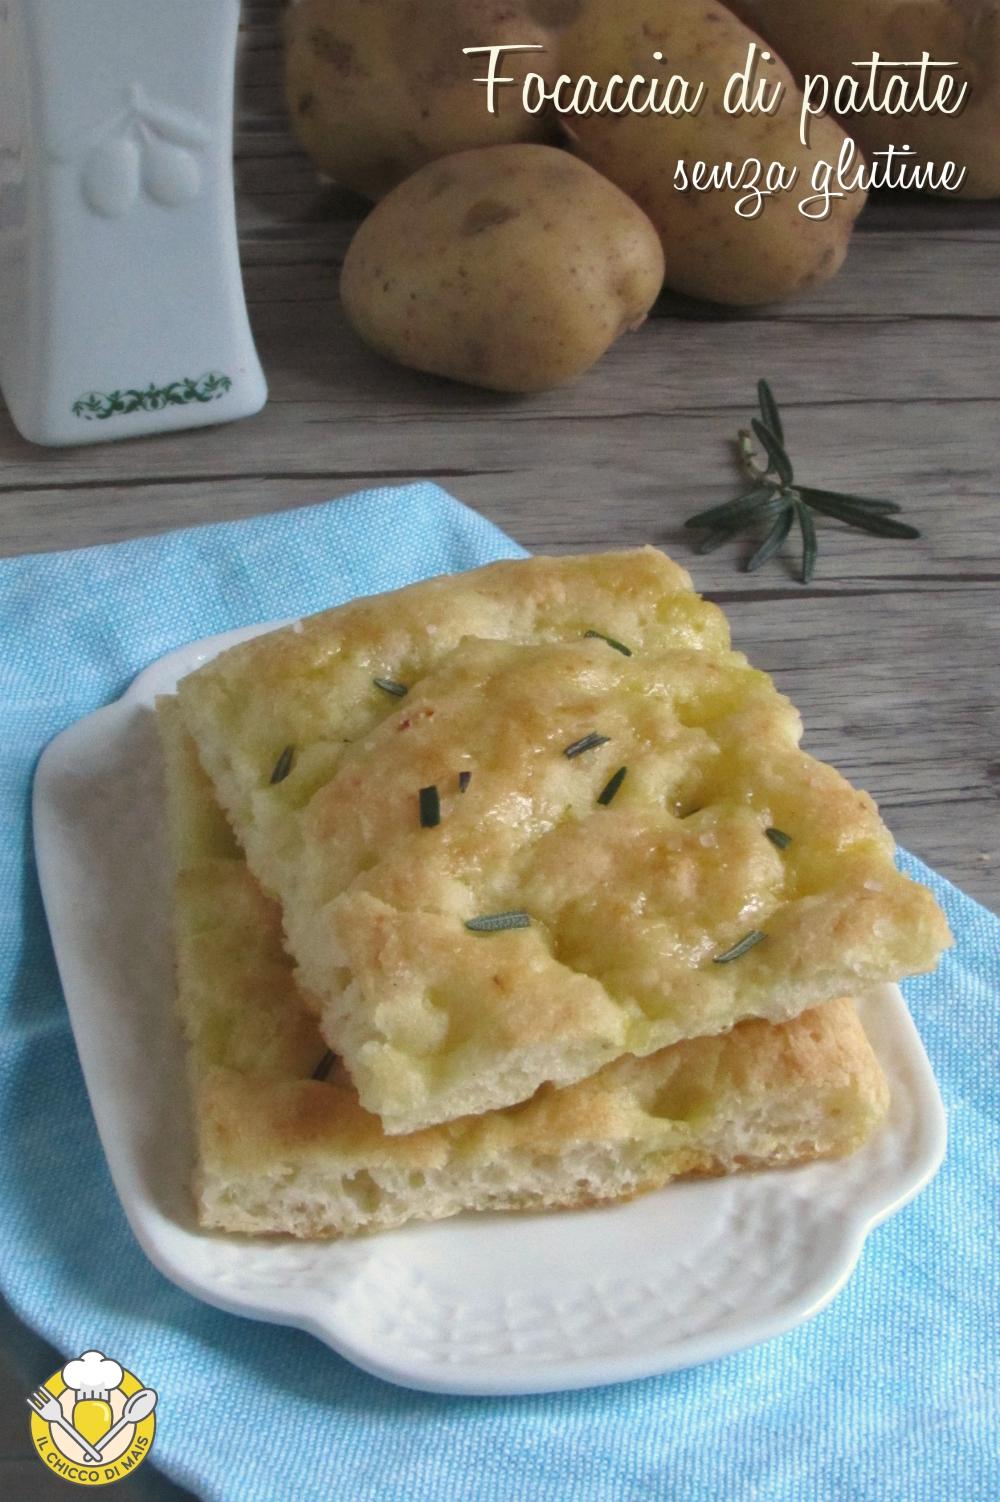 v_ focaccia di patate senza glutine ricetta con patate lesse nell'impasto il chicco di mais